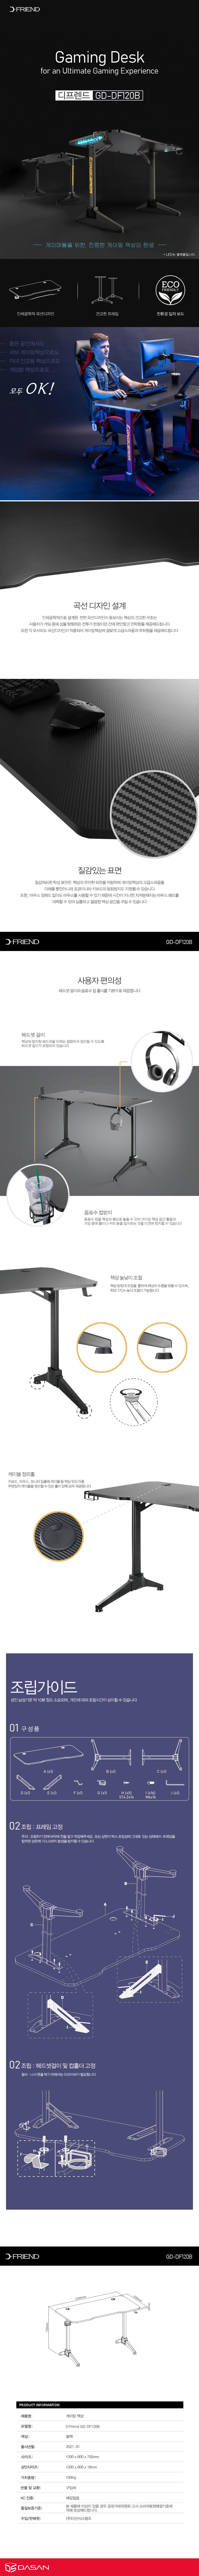 다산시스템즈 다산시스템즈 디프렌드 GD-DF120B 게이밍 책상 (120x60cm)